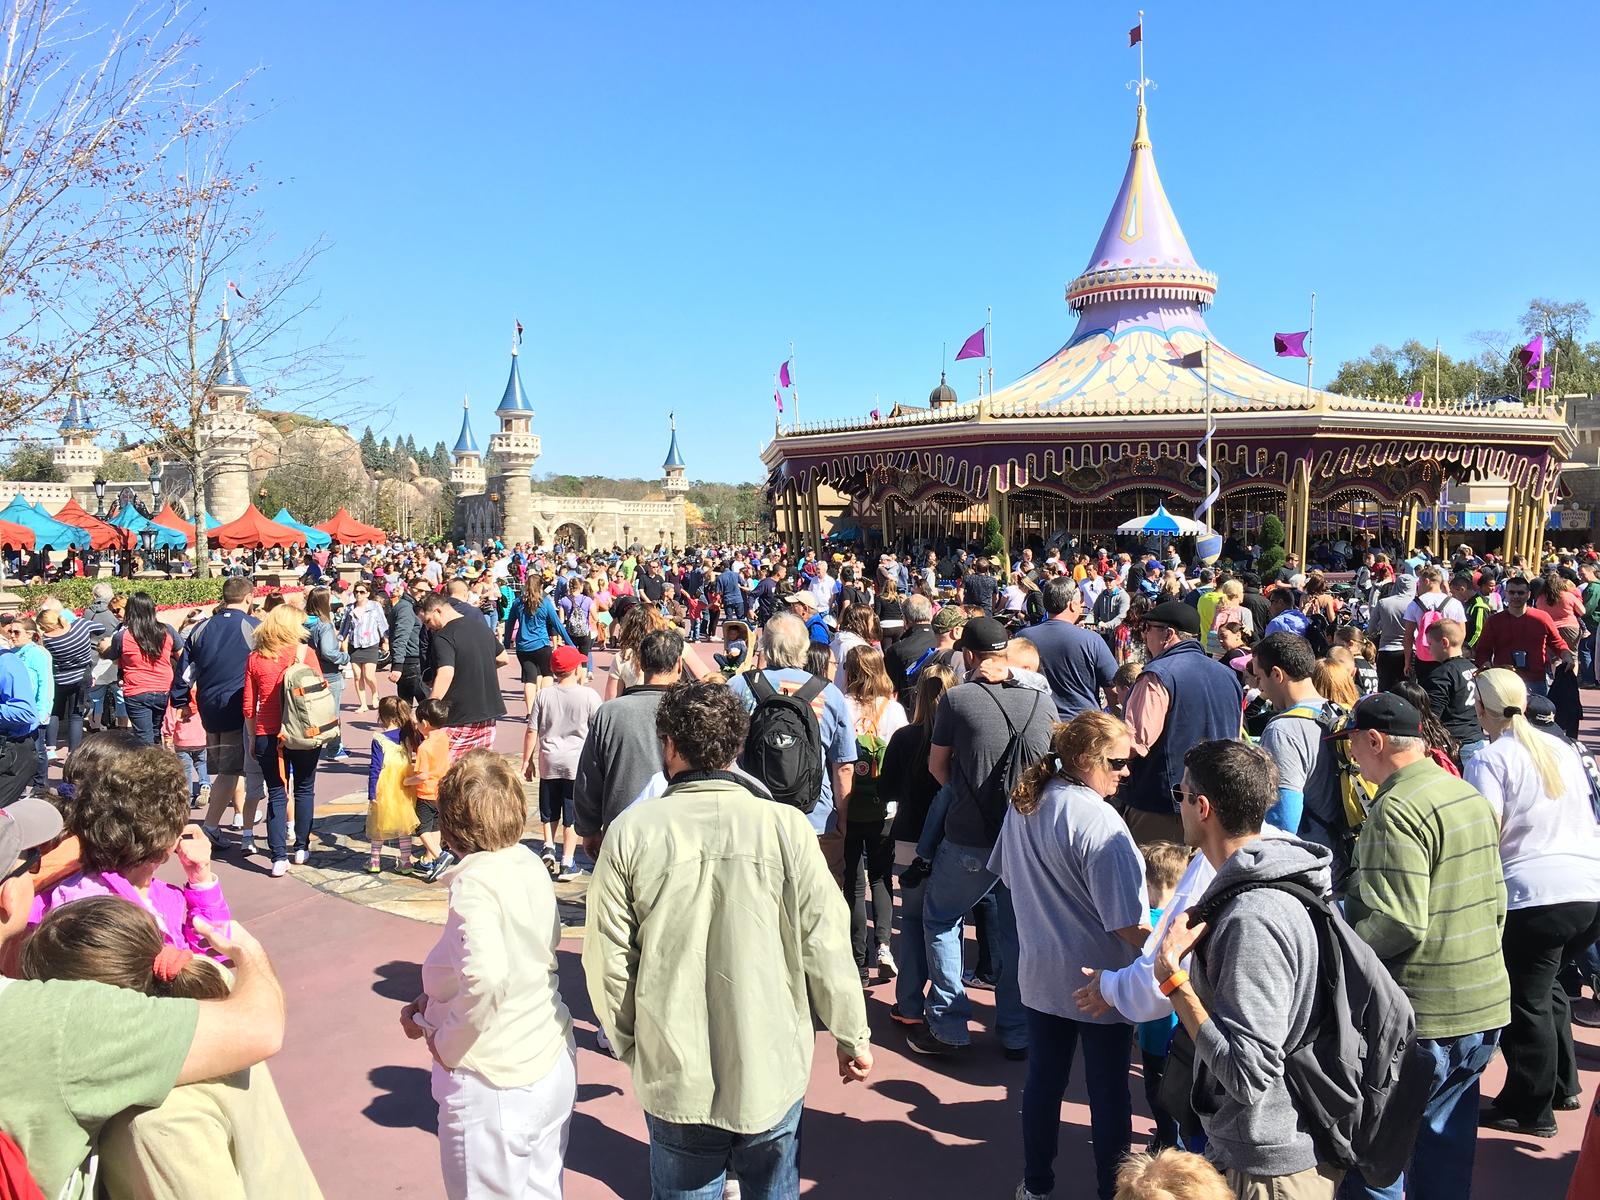 Fantasyland Crowds - Walt Disney World Magic Kingdom